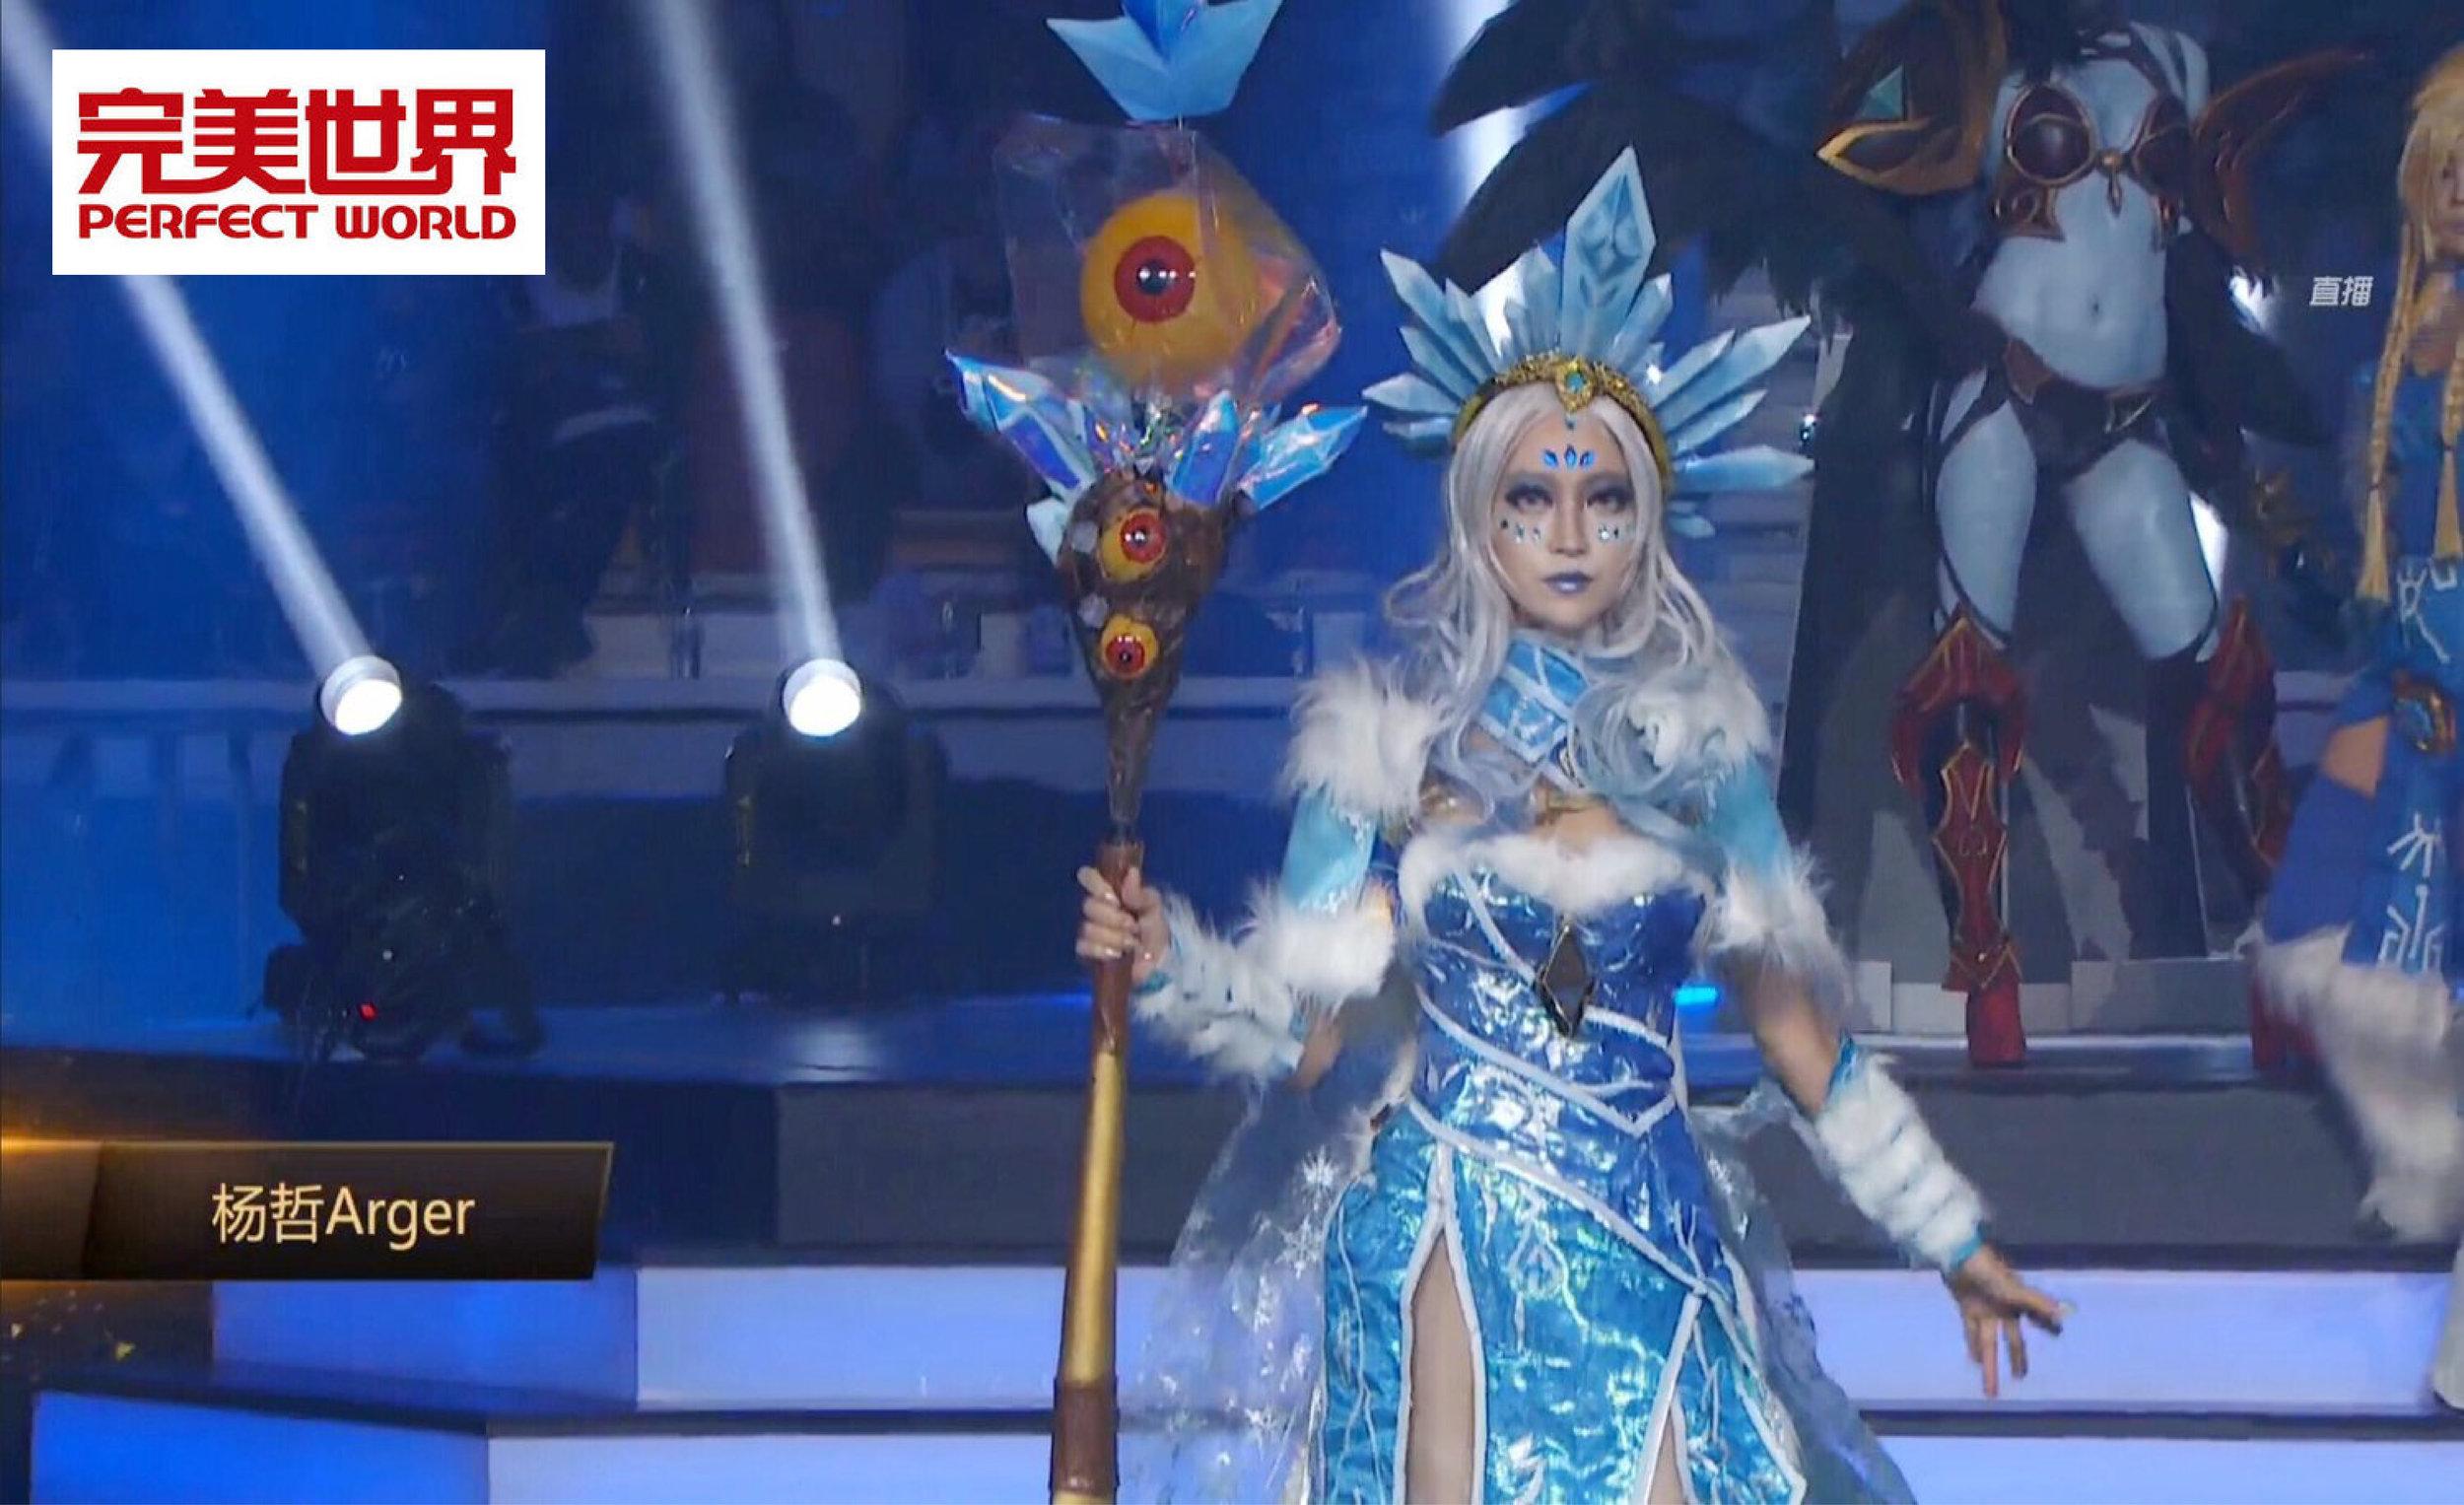 完美世界 Dota2 - 至寶冰女